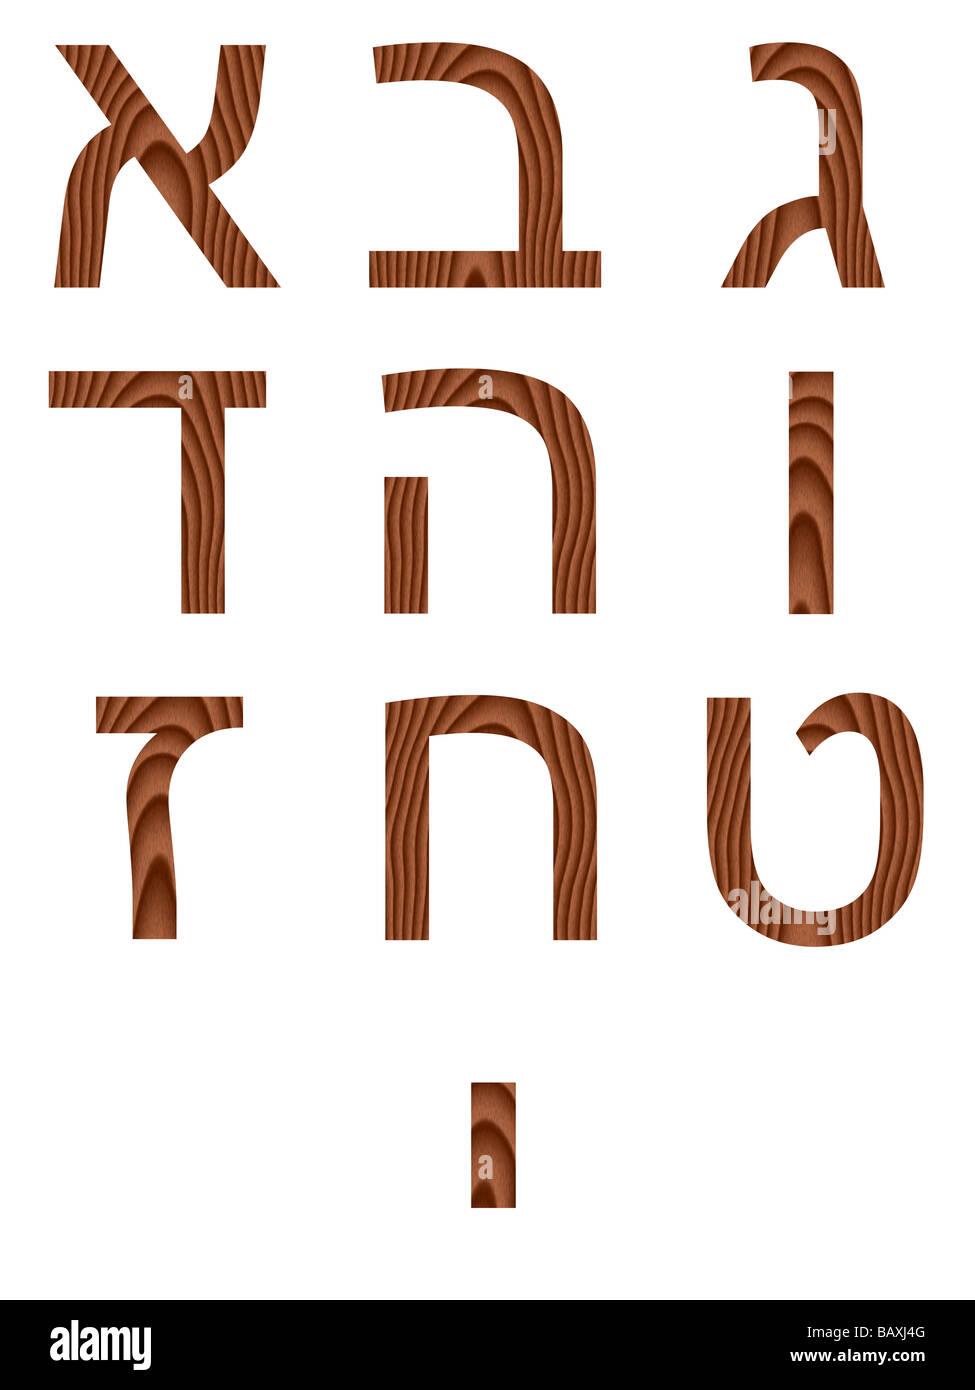 Wooden hebrew numbers - Stock Image